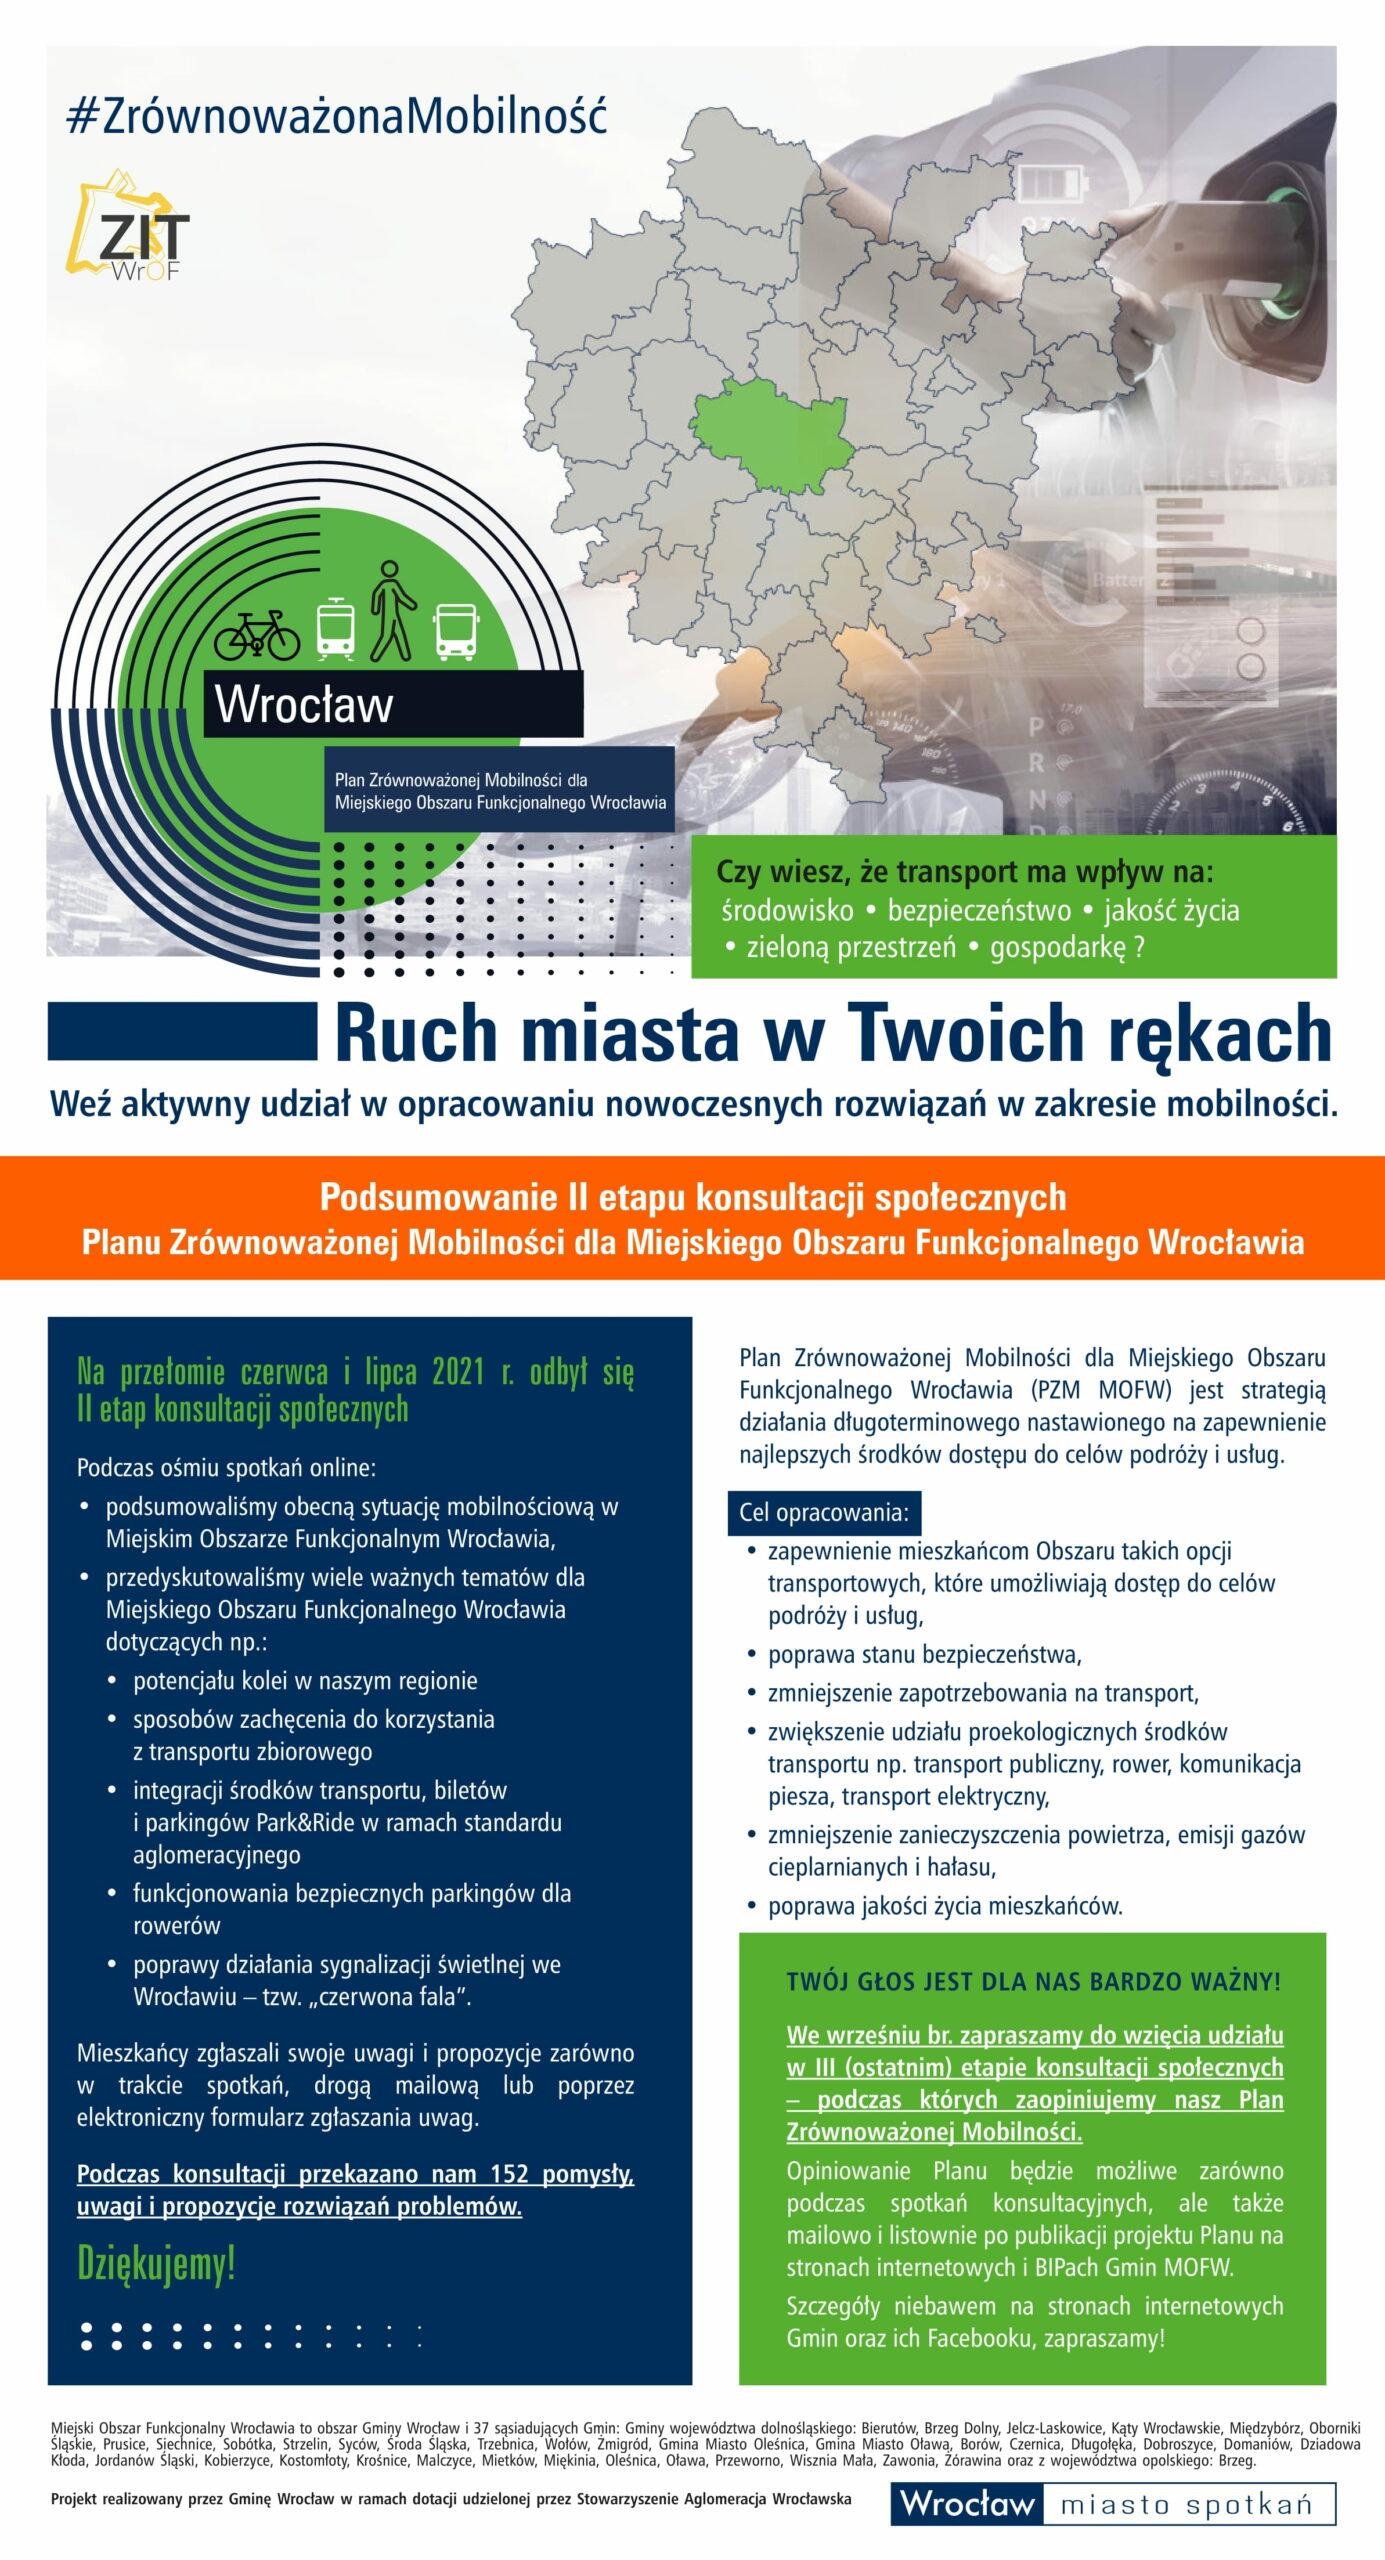 Plakat Podsumowanie Planu Zrównoważonej Mobilności dla Miejskiego Obszaru Funkcjonalnego Wrocław etap 2